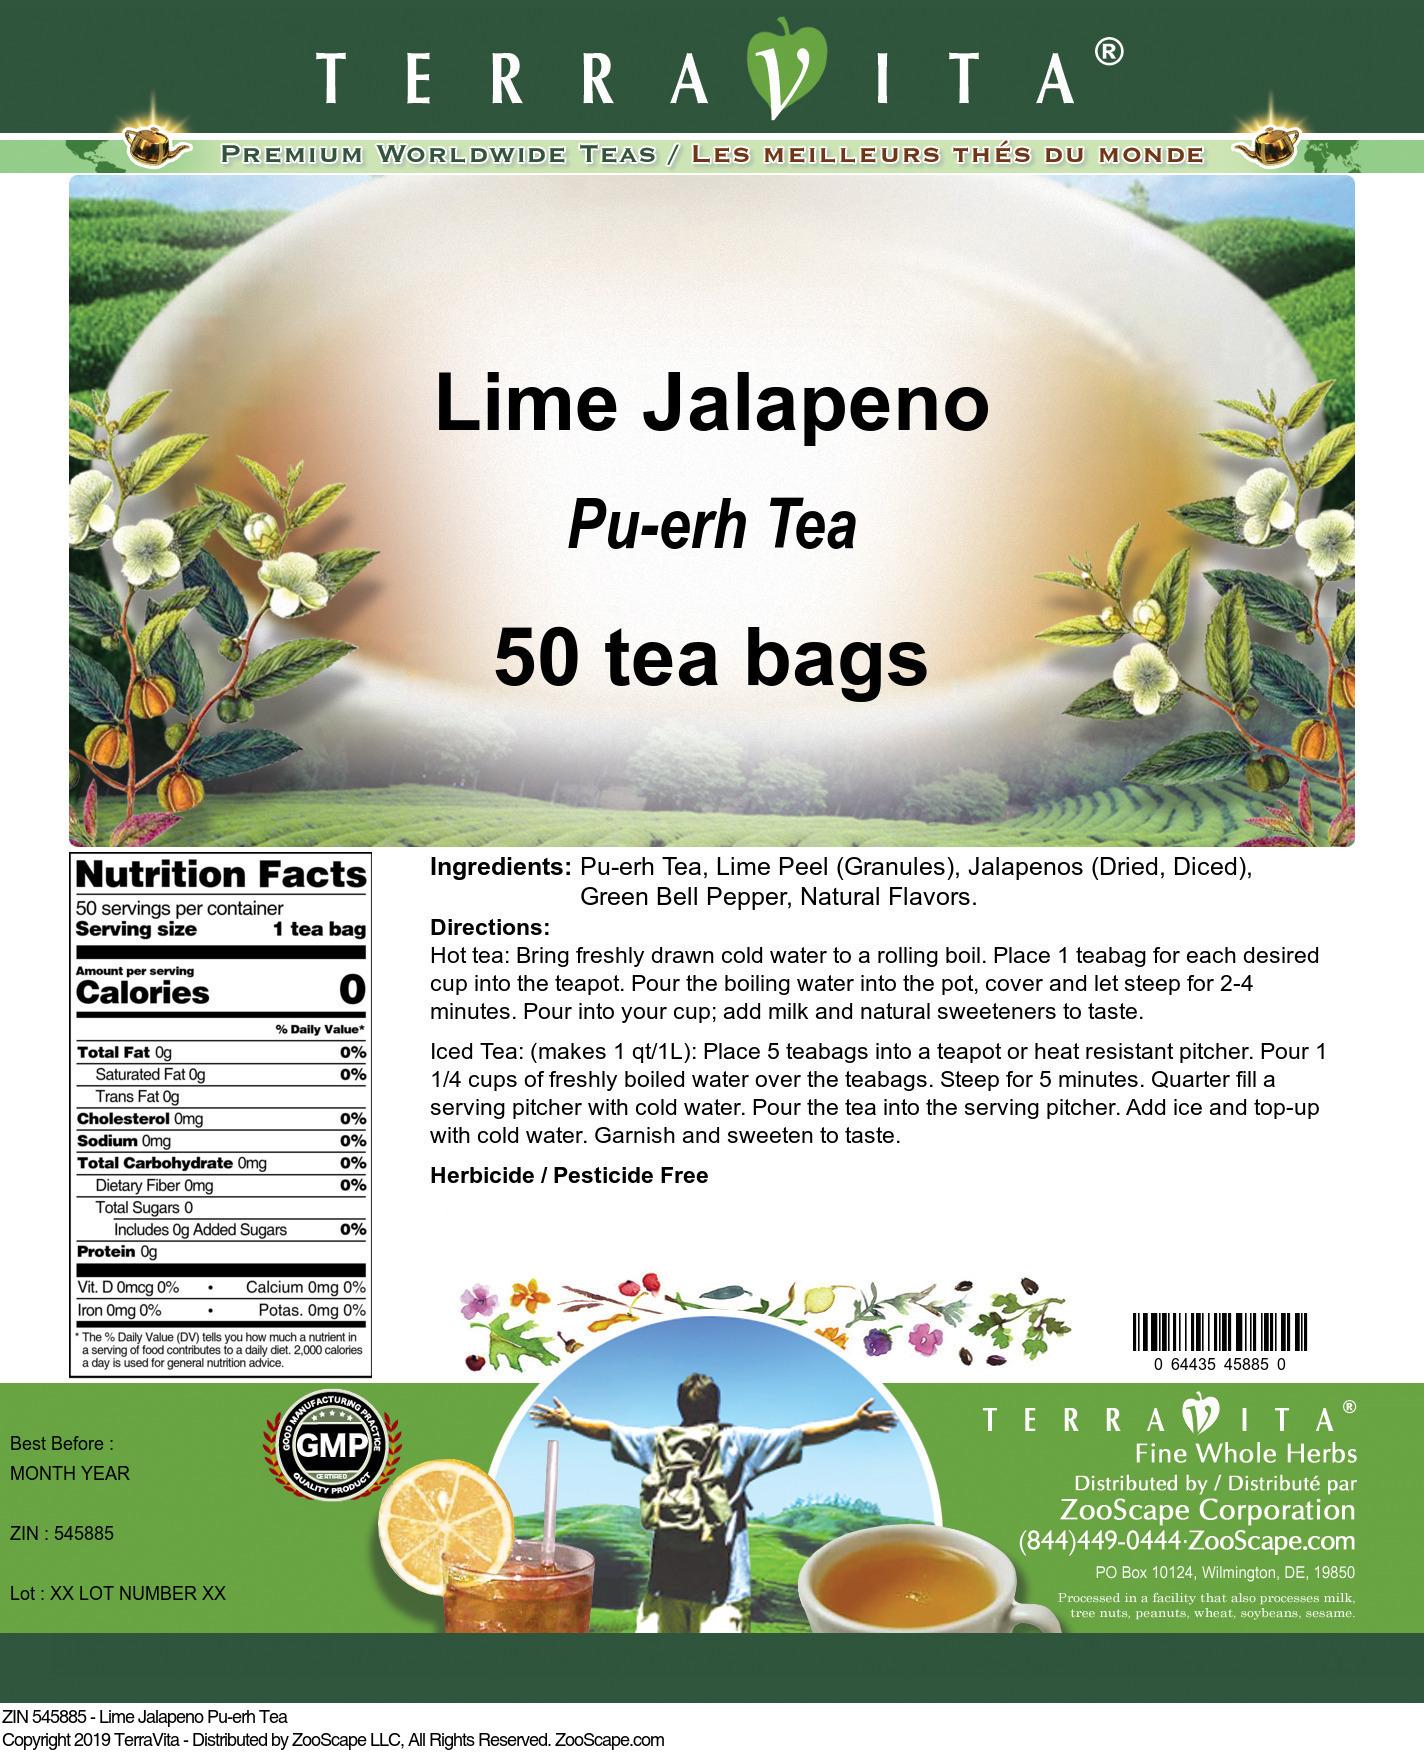 Lime Jalapeno Pu-erh Tea